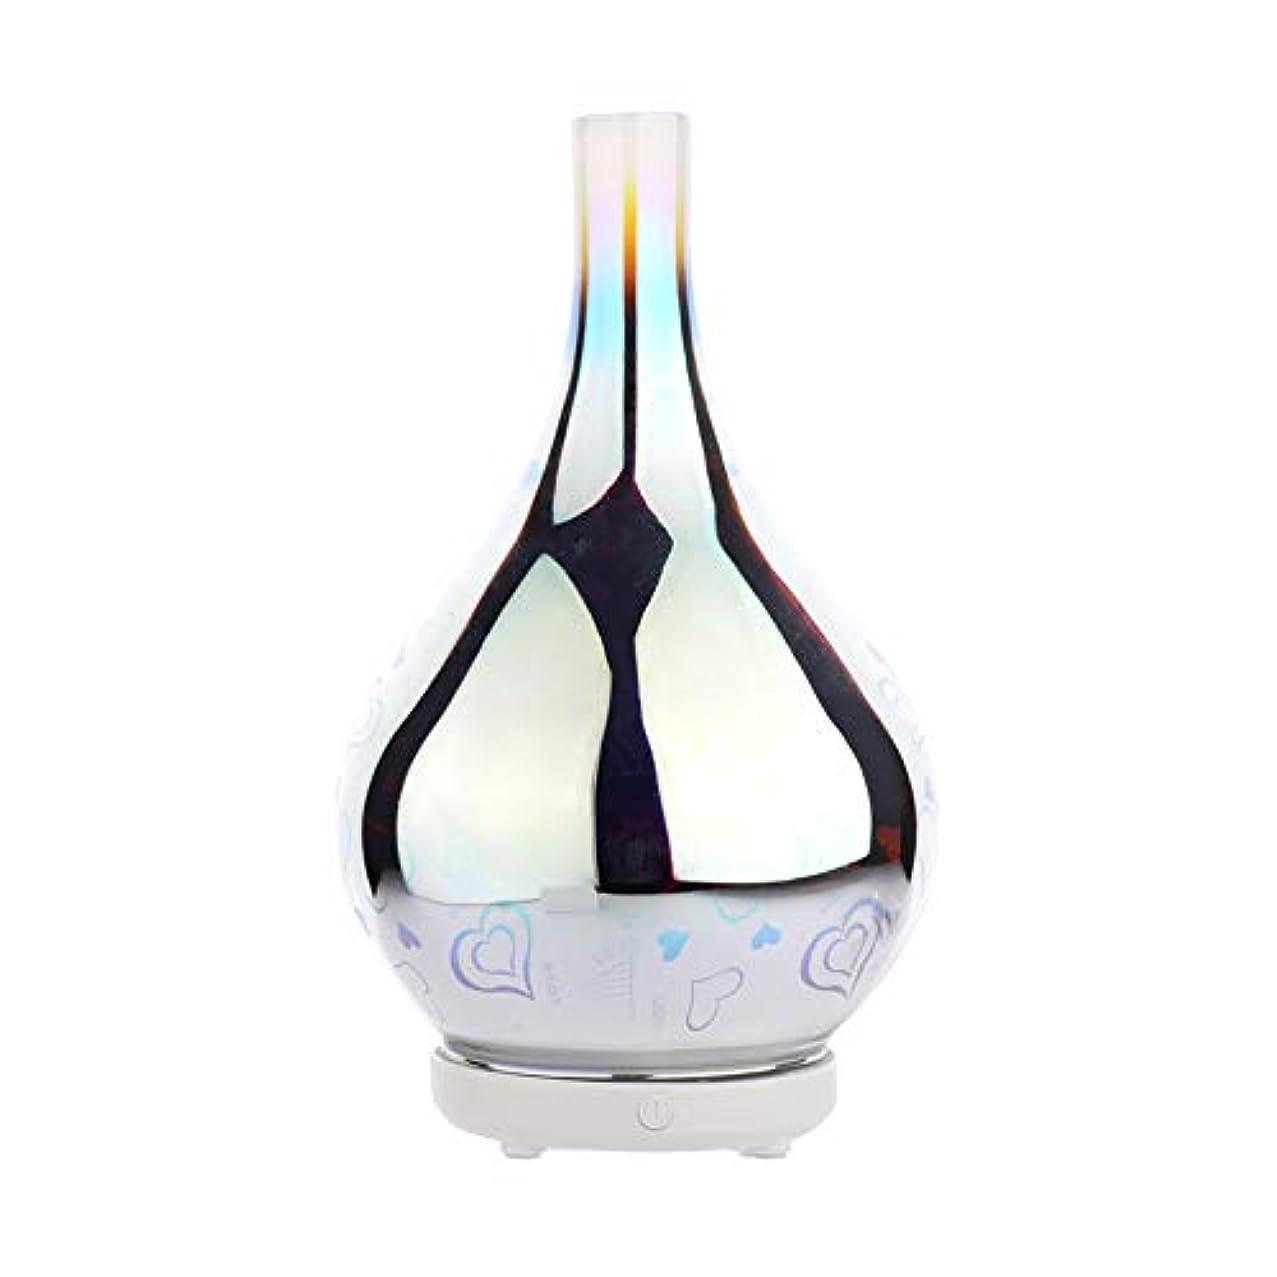 DC 二色 3Dガラス夜ライトアロマテラピーマシン 精油の拡散器 香りのアロマセラピー アロマセラピーディフューザー